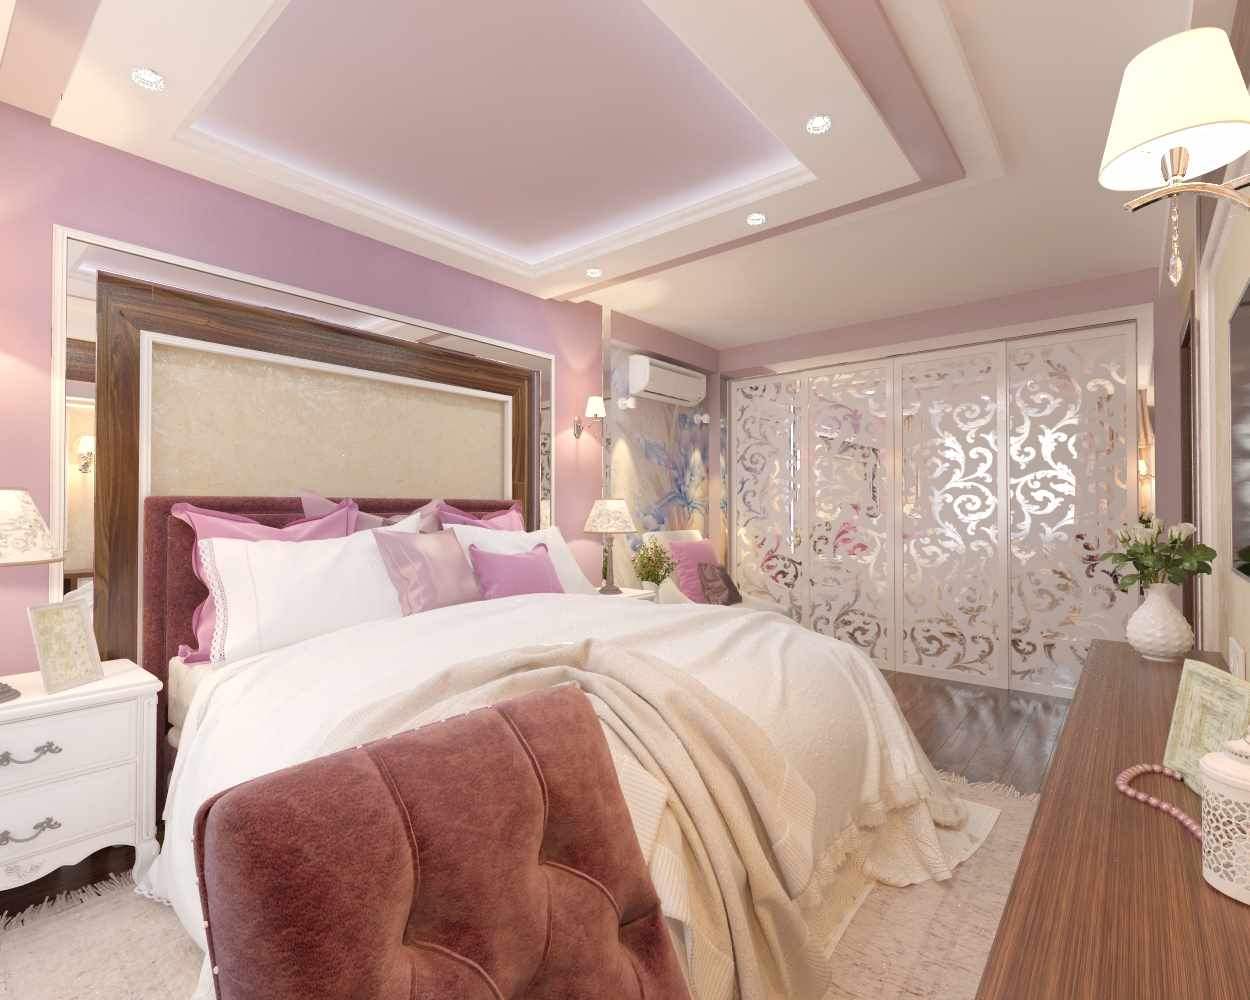 сиреневая спальня вариант дизайна